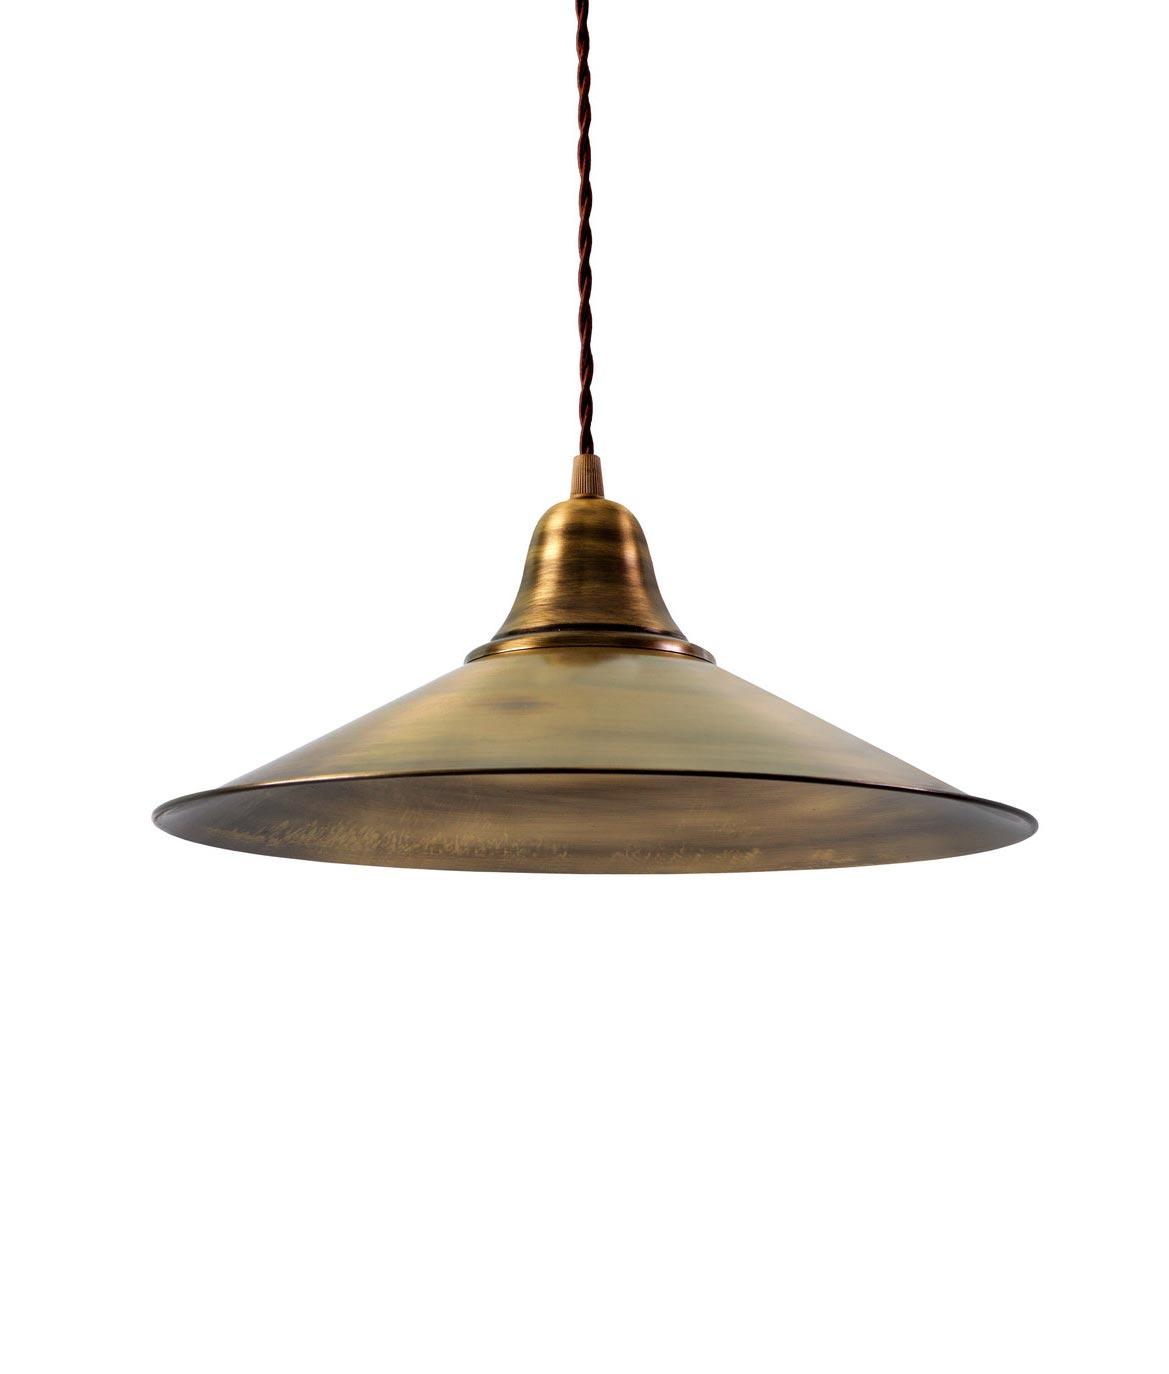 Lámpara retro/vintage oro envejecido KÖLN